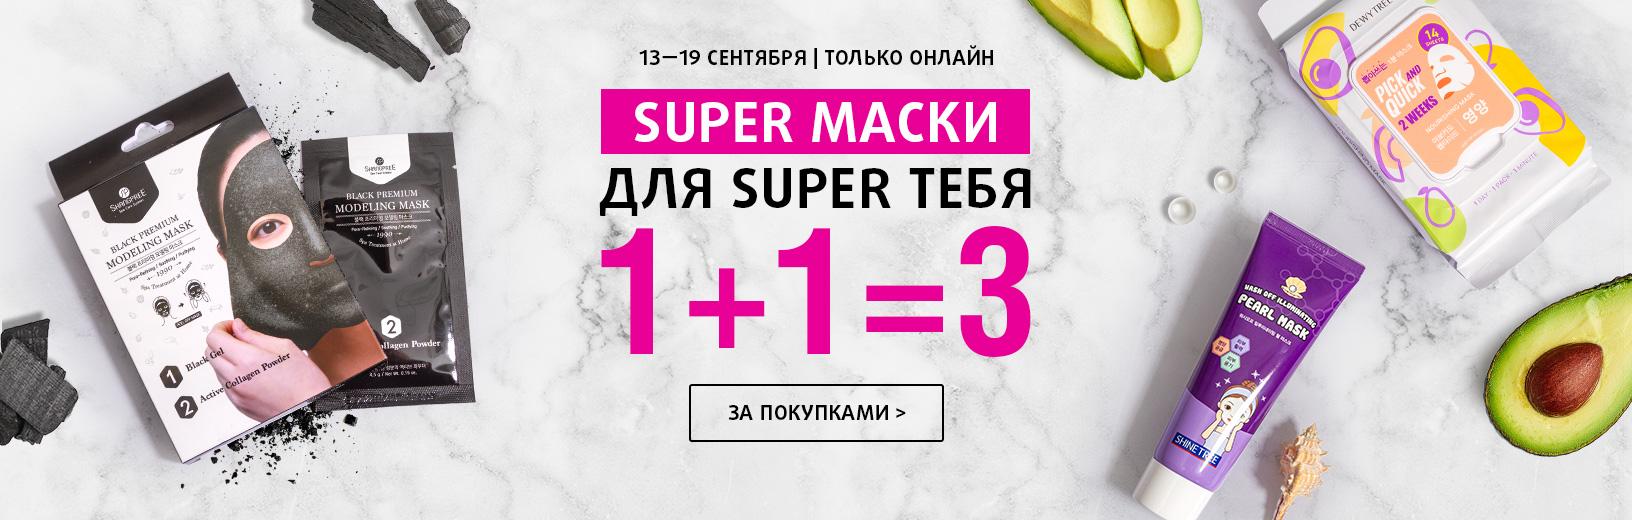 SUPER маски для SUPER тебя: 1+1=3